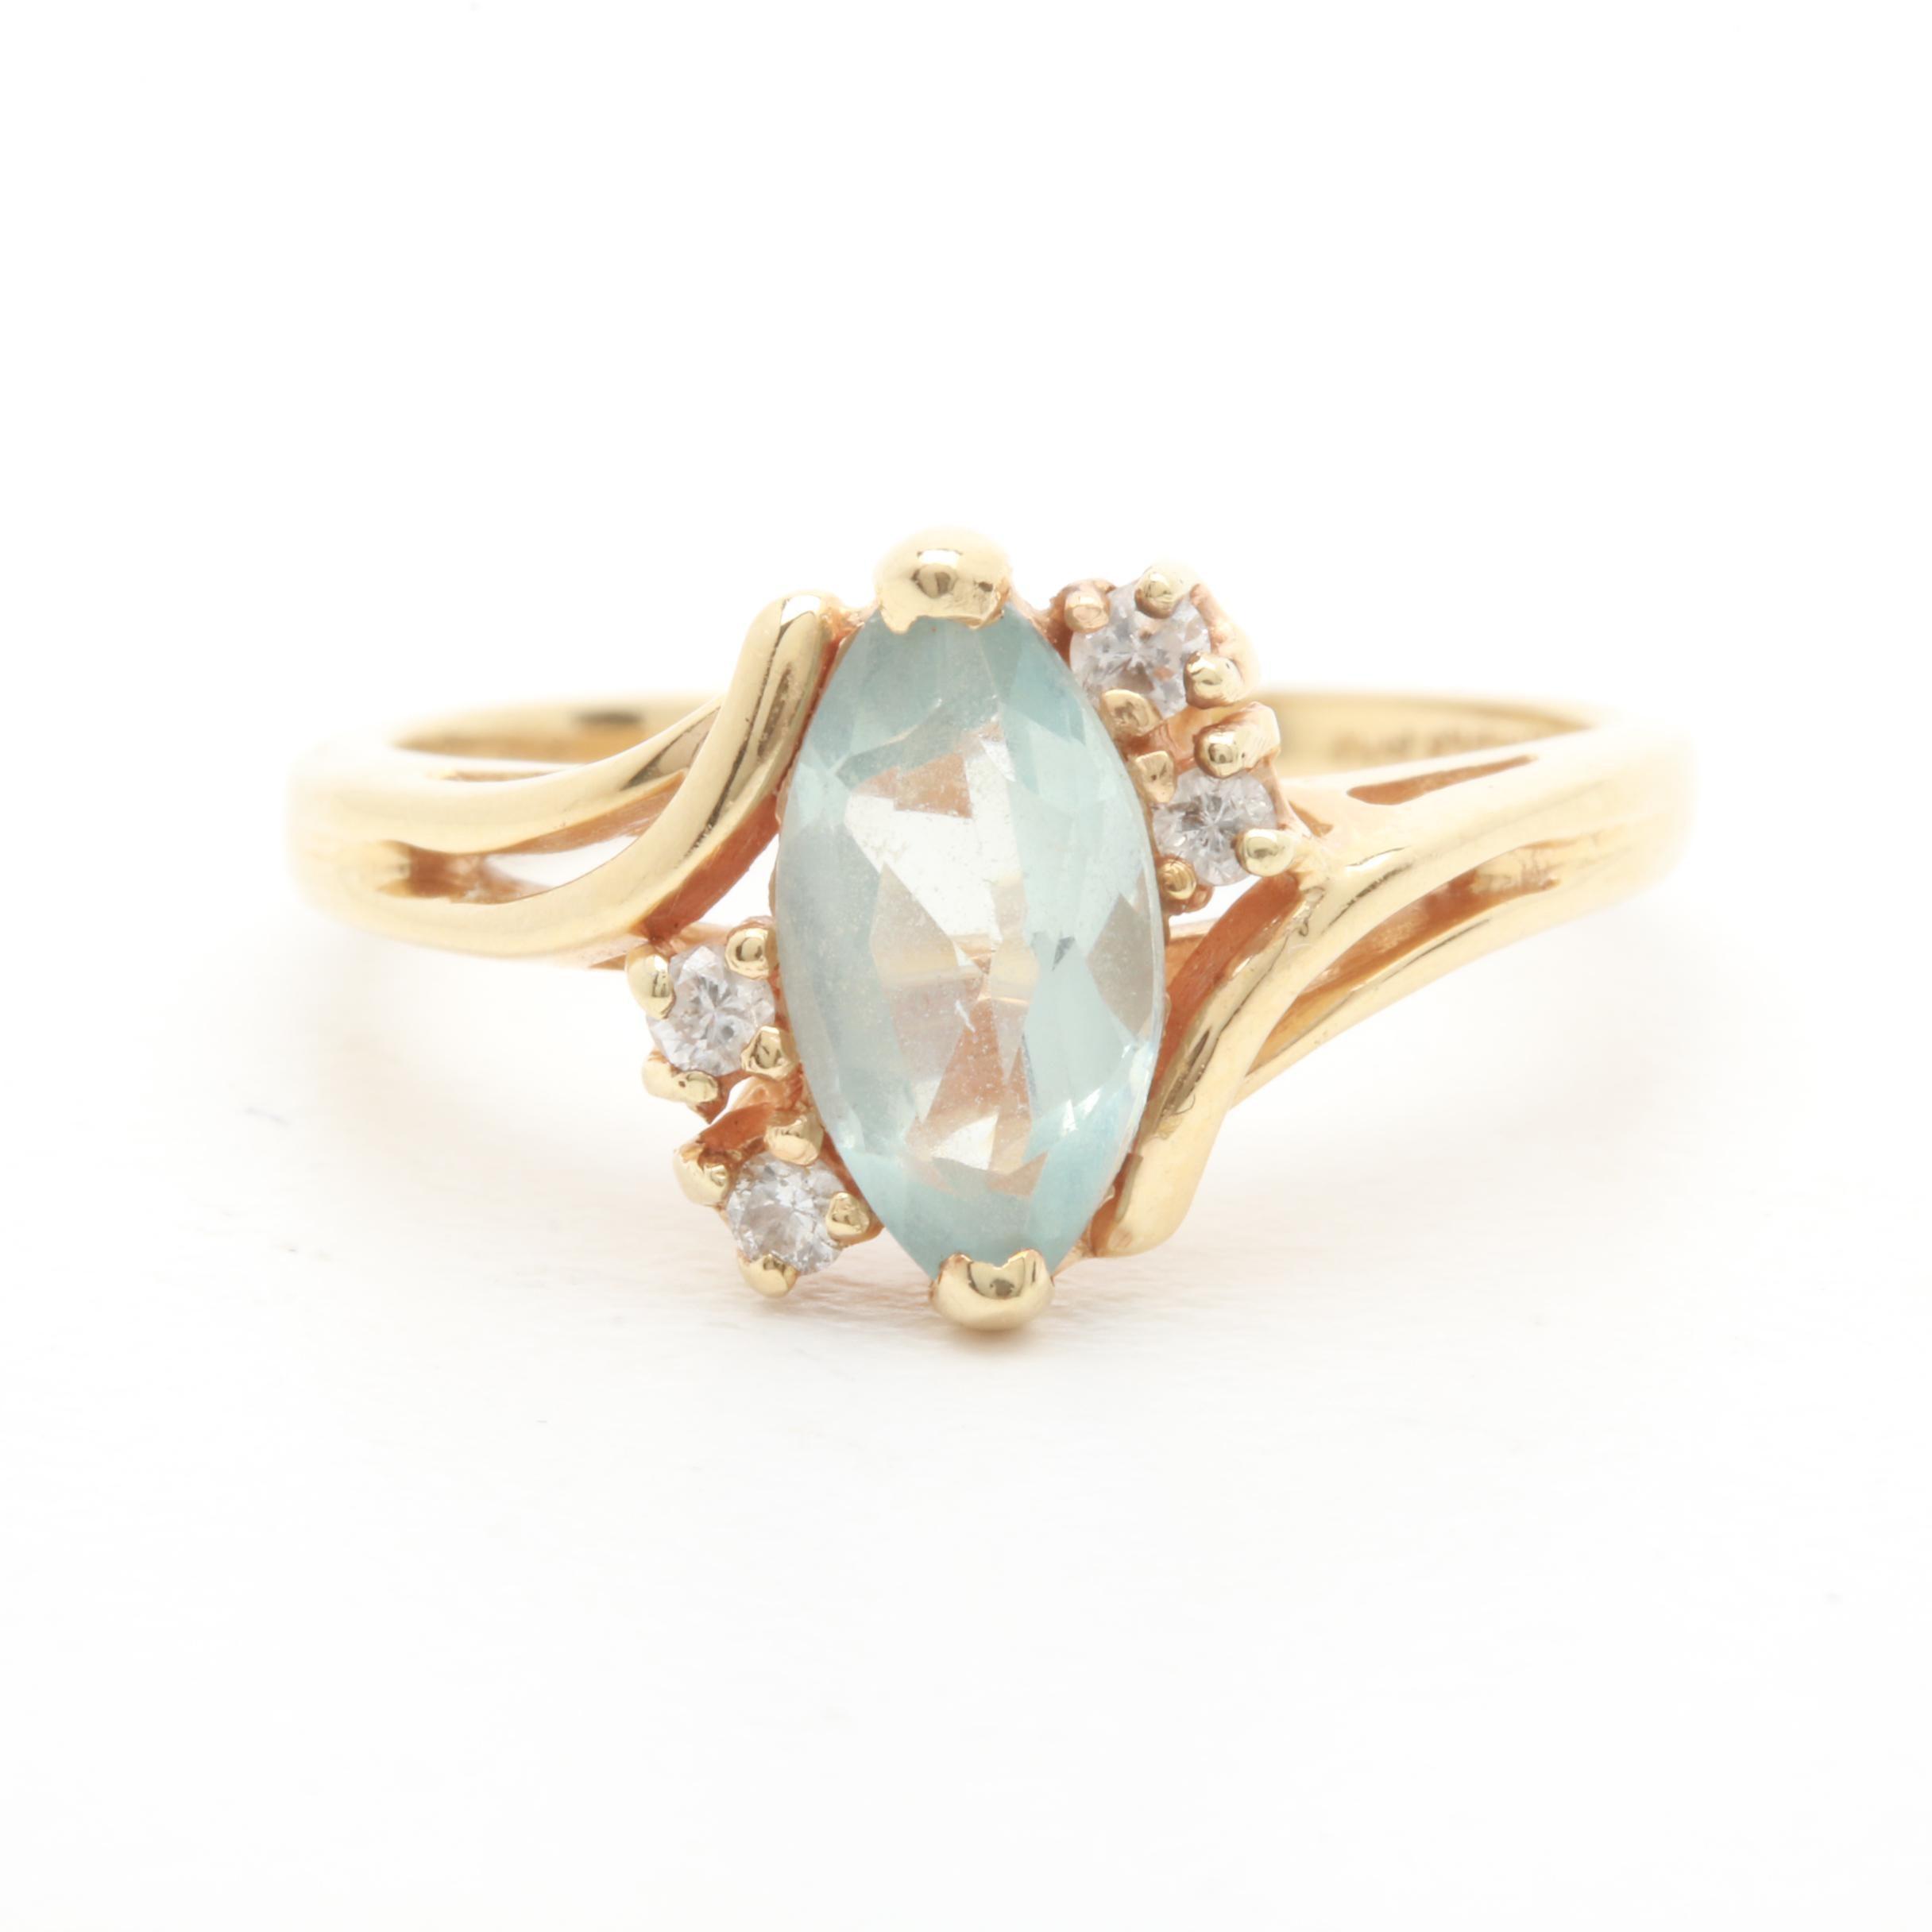 14K Yellow Gold Aquamarine and Diamond Ring